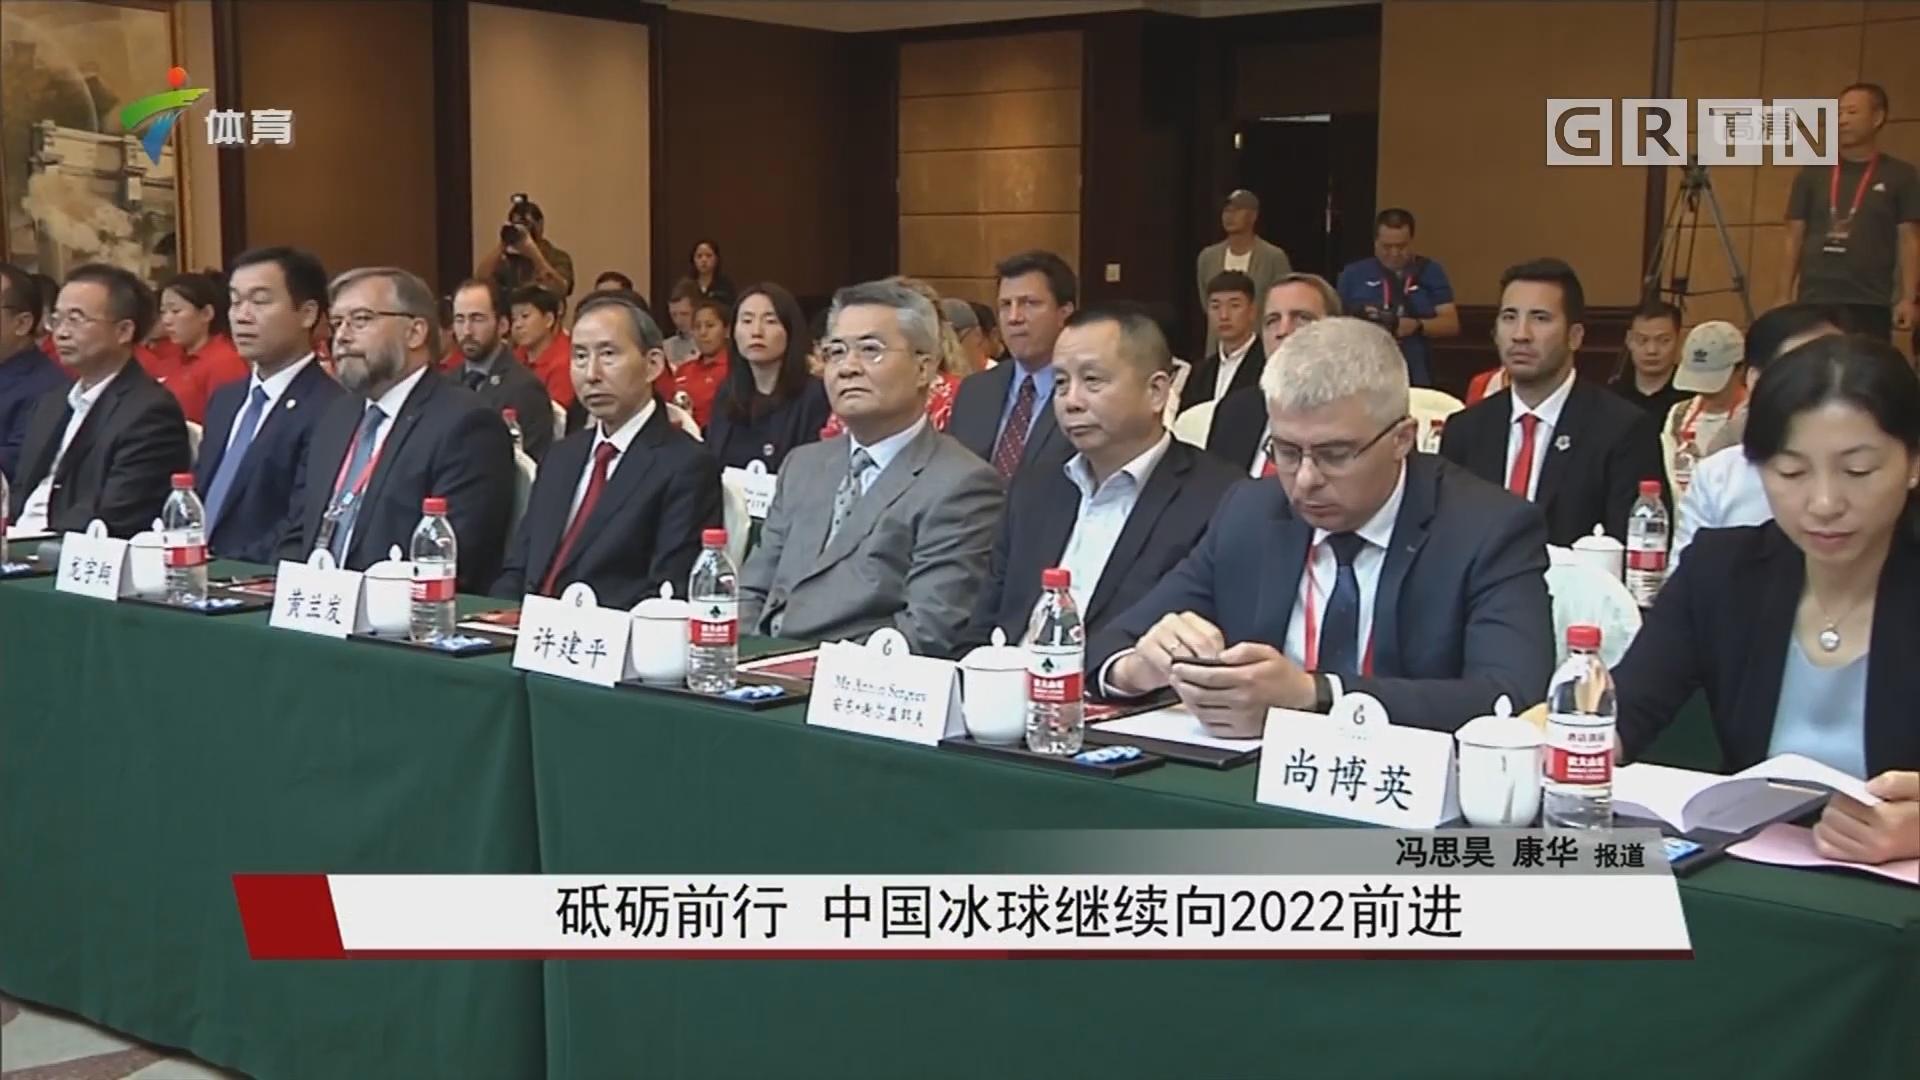 砥砺前行 中国冰球继续向2022前进